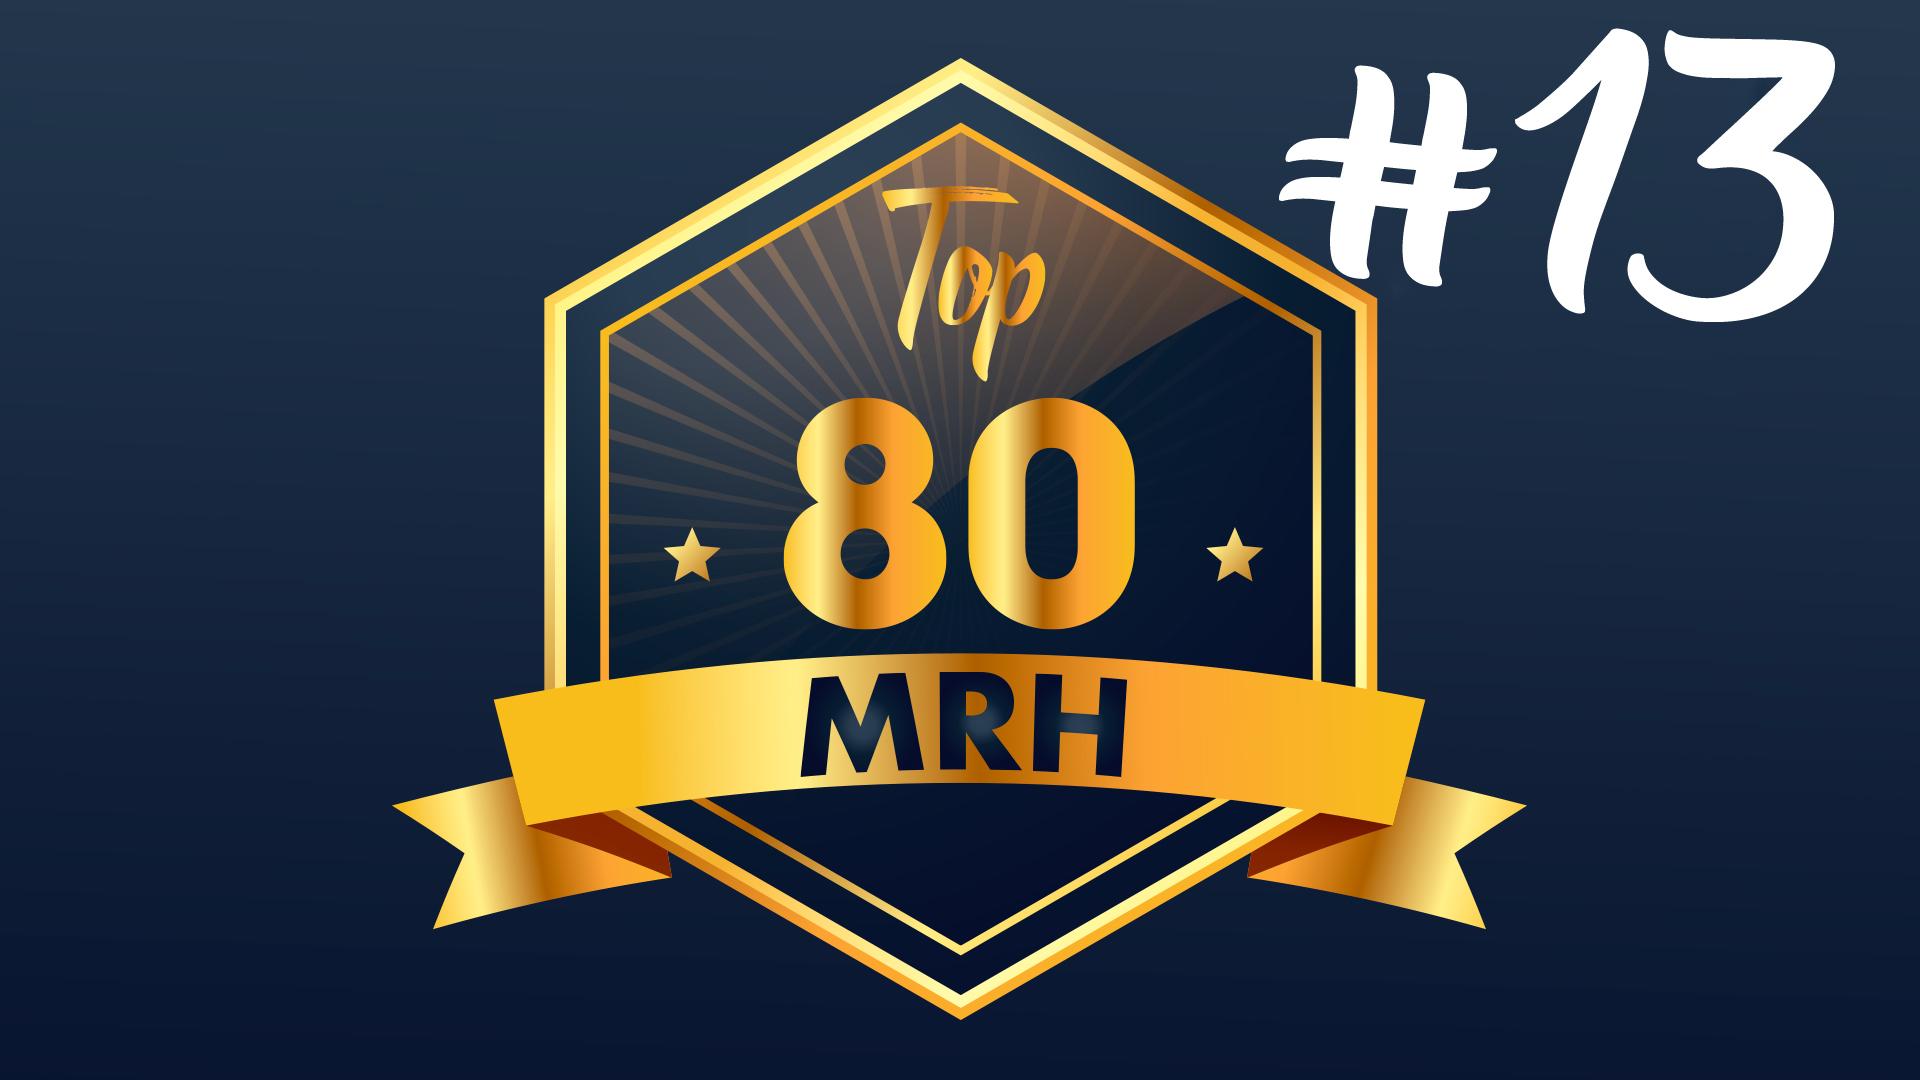 Top 80 MRH - Quel est le classement du premier Top 80 de l'année 2020 ?